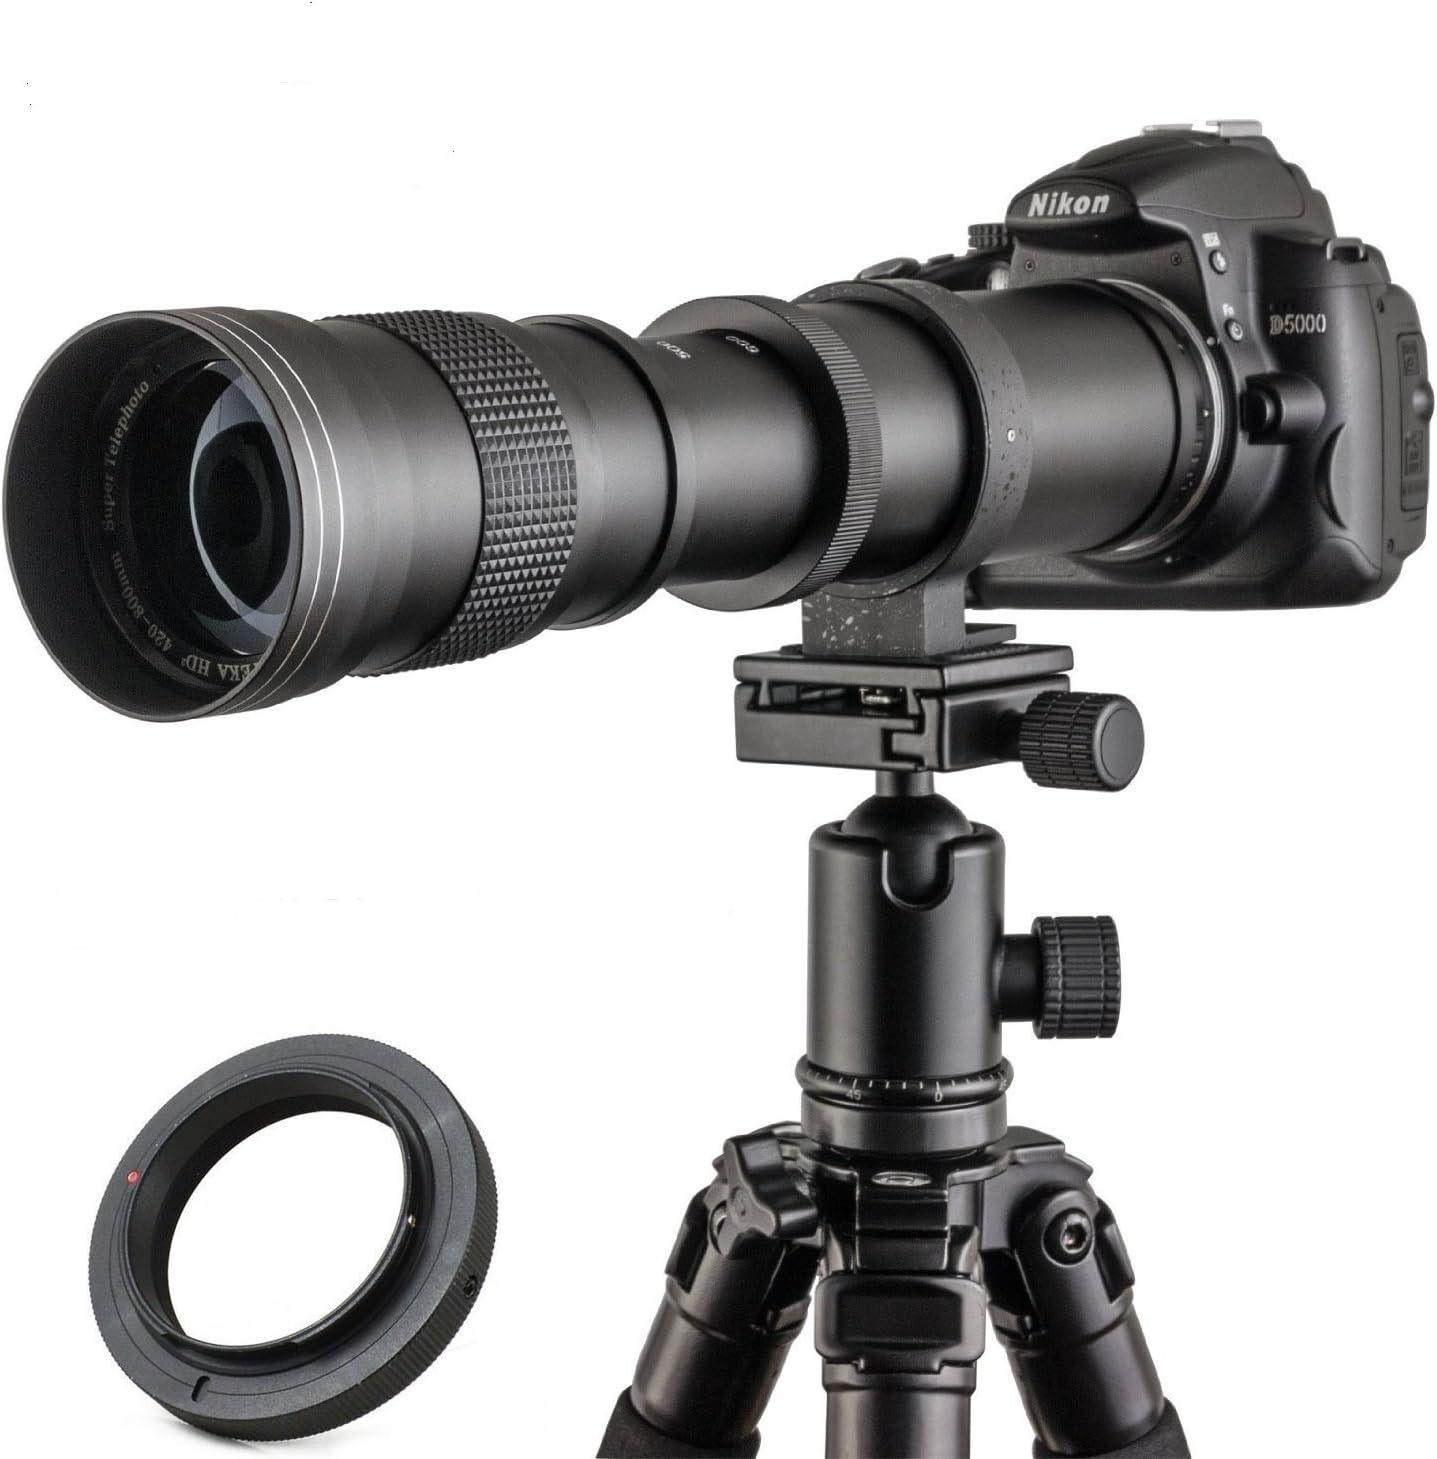 Jintu 420–800 mm F/8,3-16 Top téléobjectif à mise au point manuelle plein format pour Nikon D7100 D80 D90 D600 D5000 D5100 D3200 D7000 D7200 DSLR appareil photo numérique + sacoche en cuir